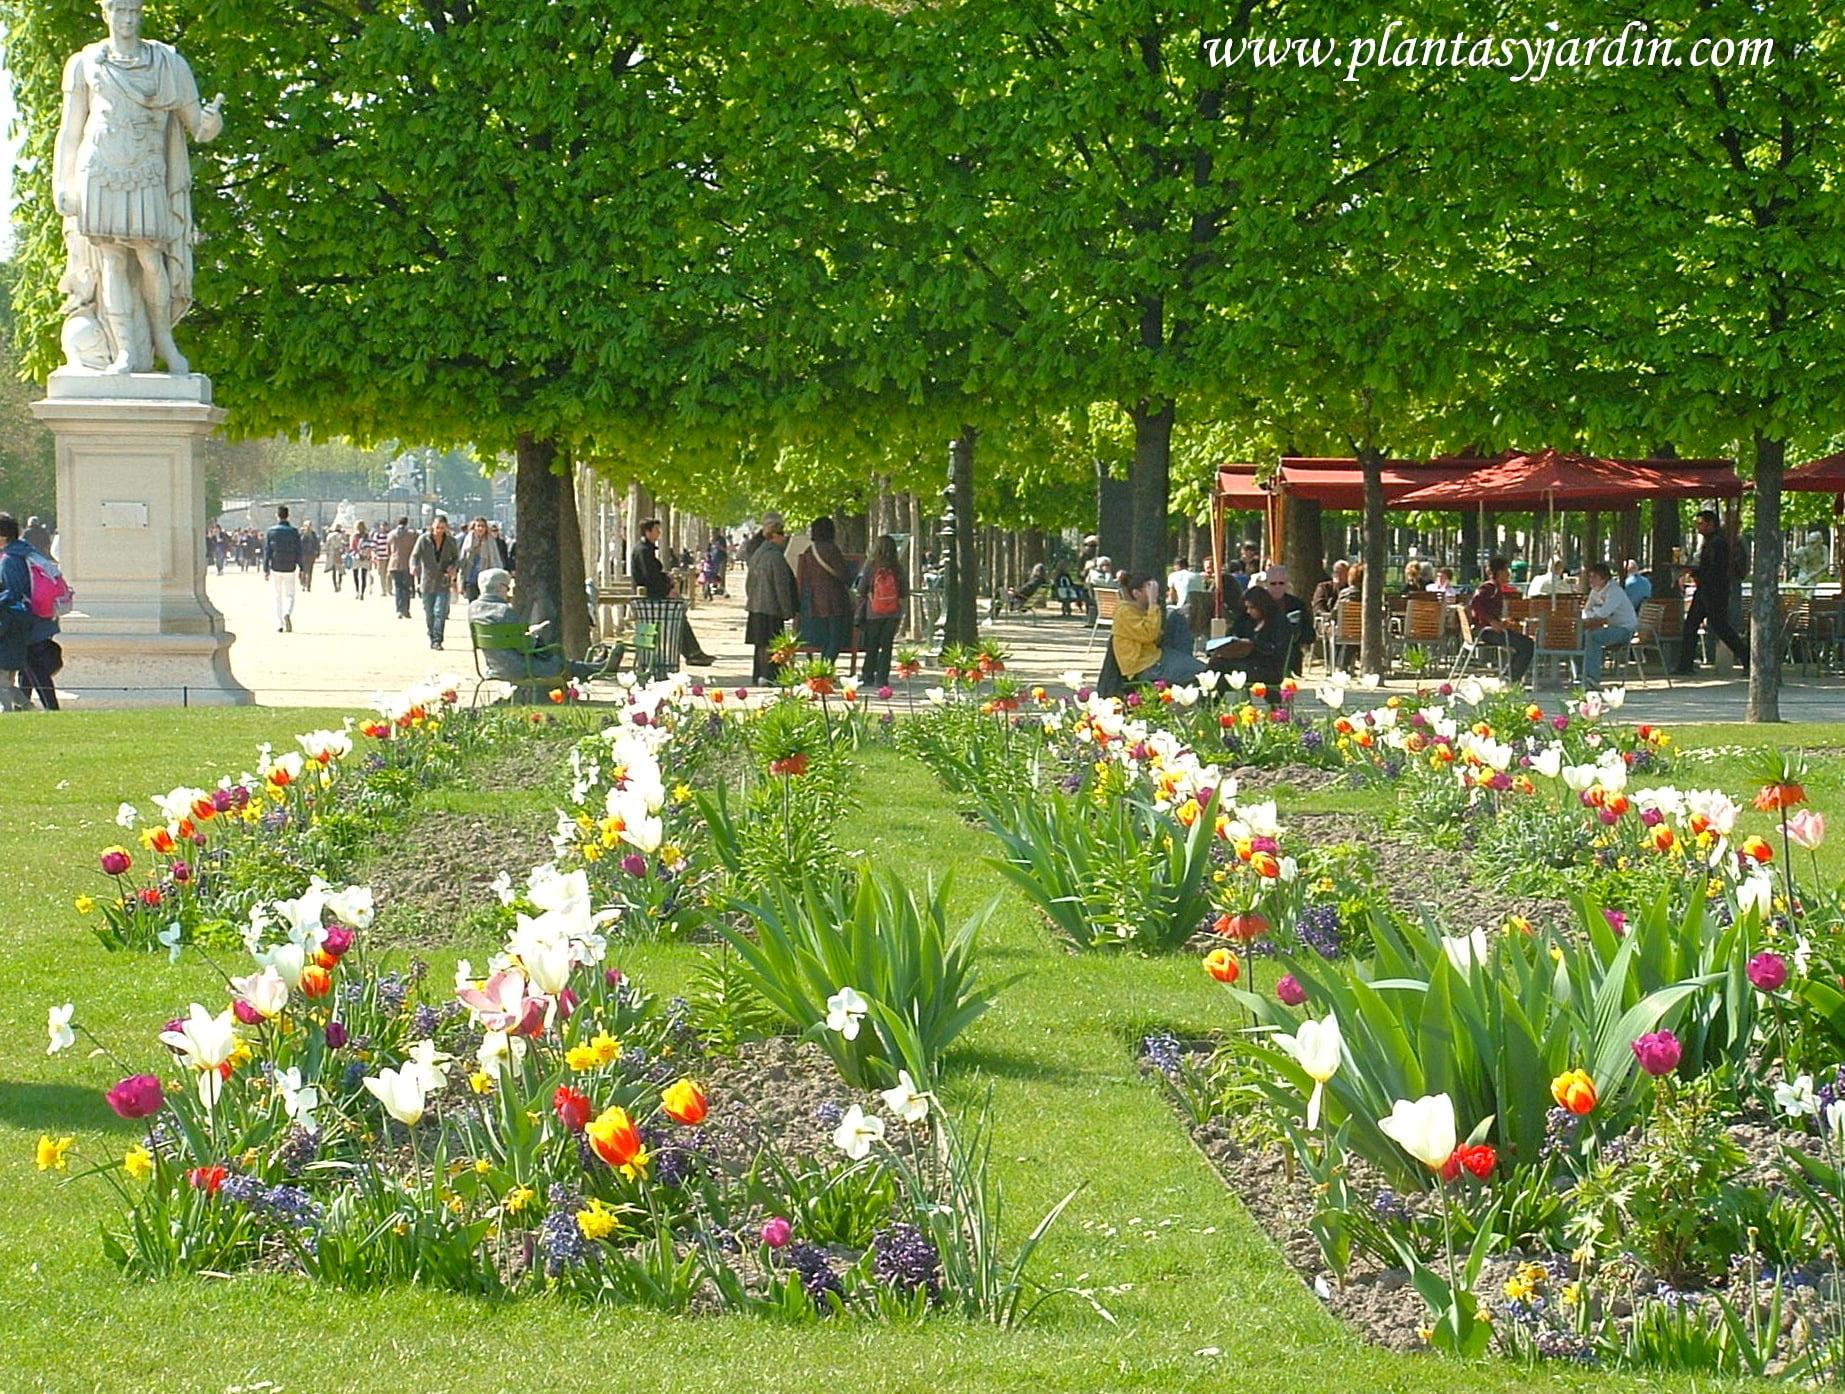 macizos florales de bulbosas Tulipanes, Fritillarias, Narcisos, y Muscaris